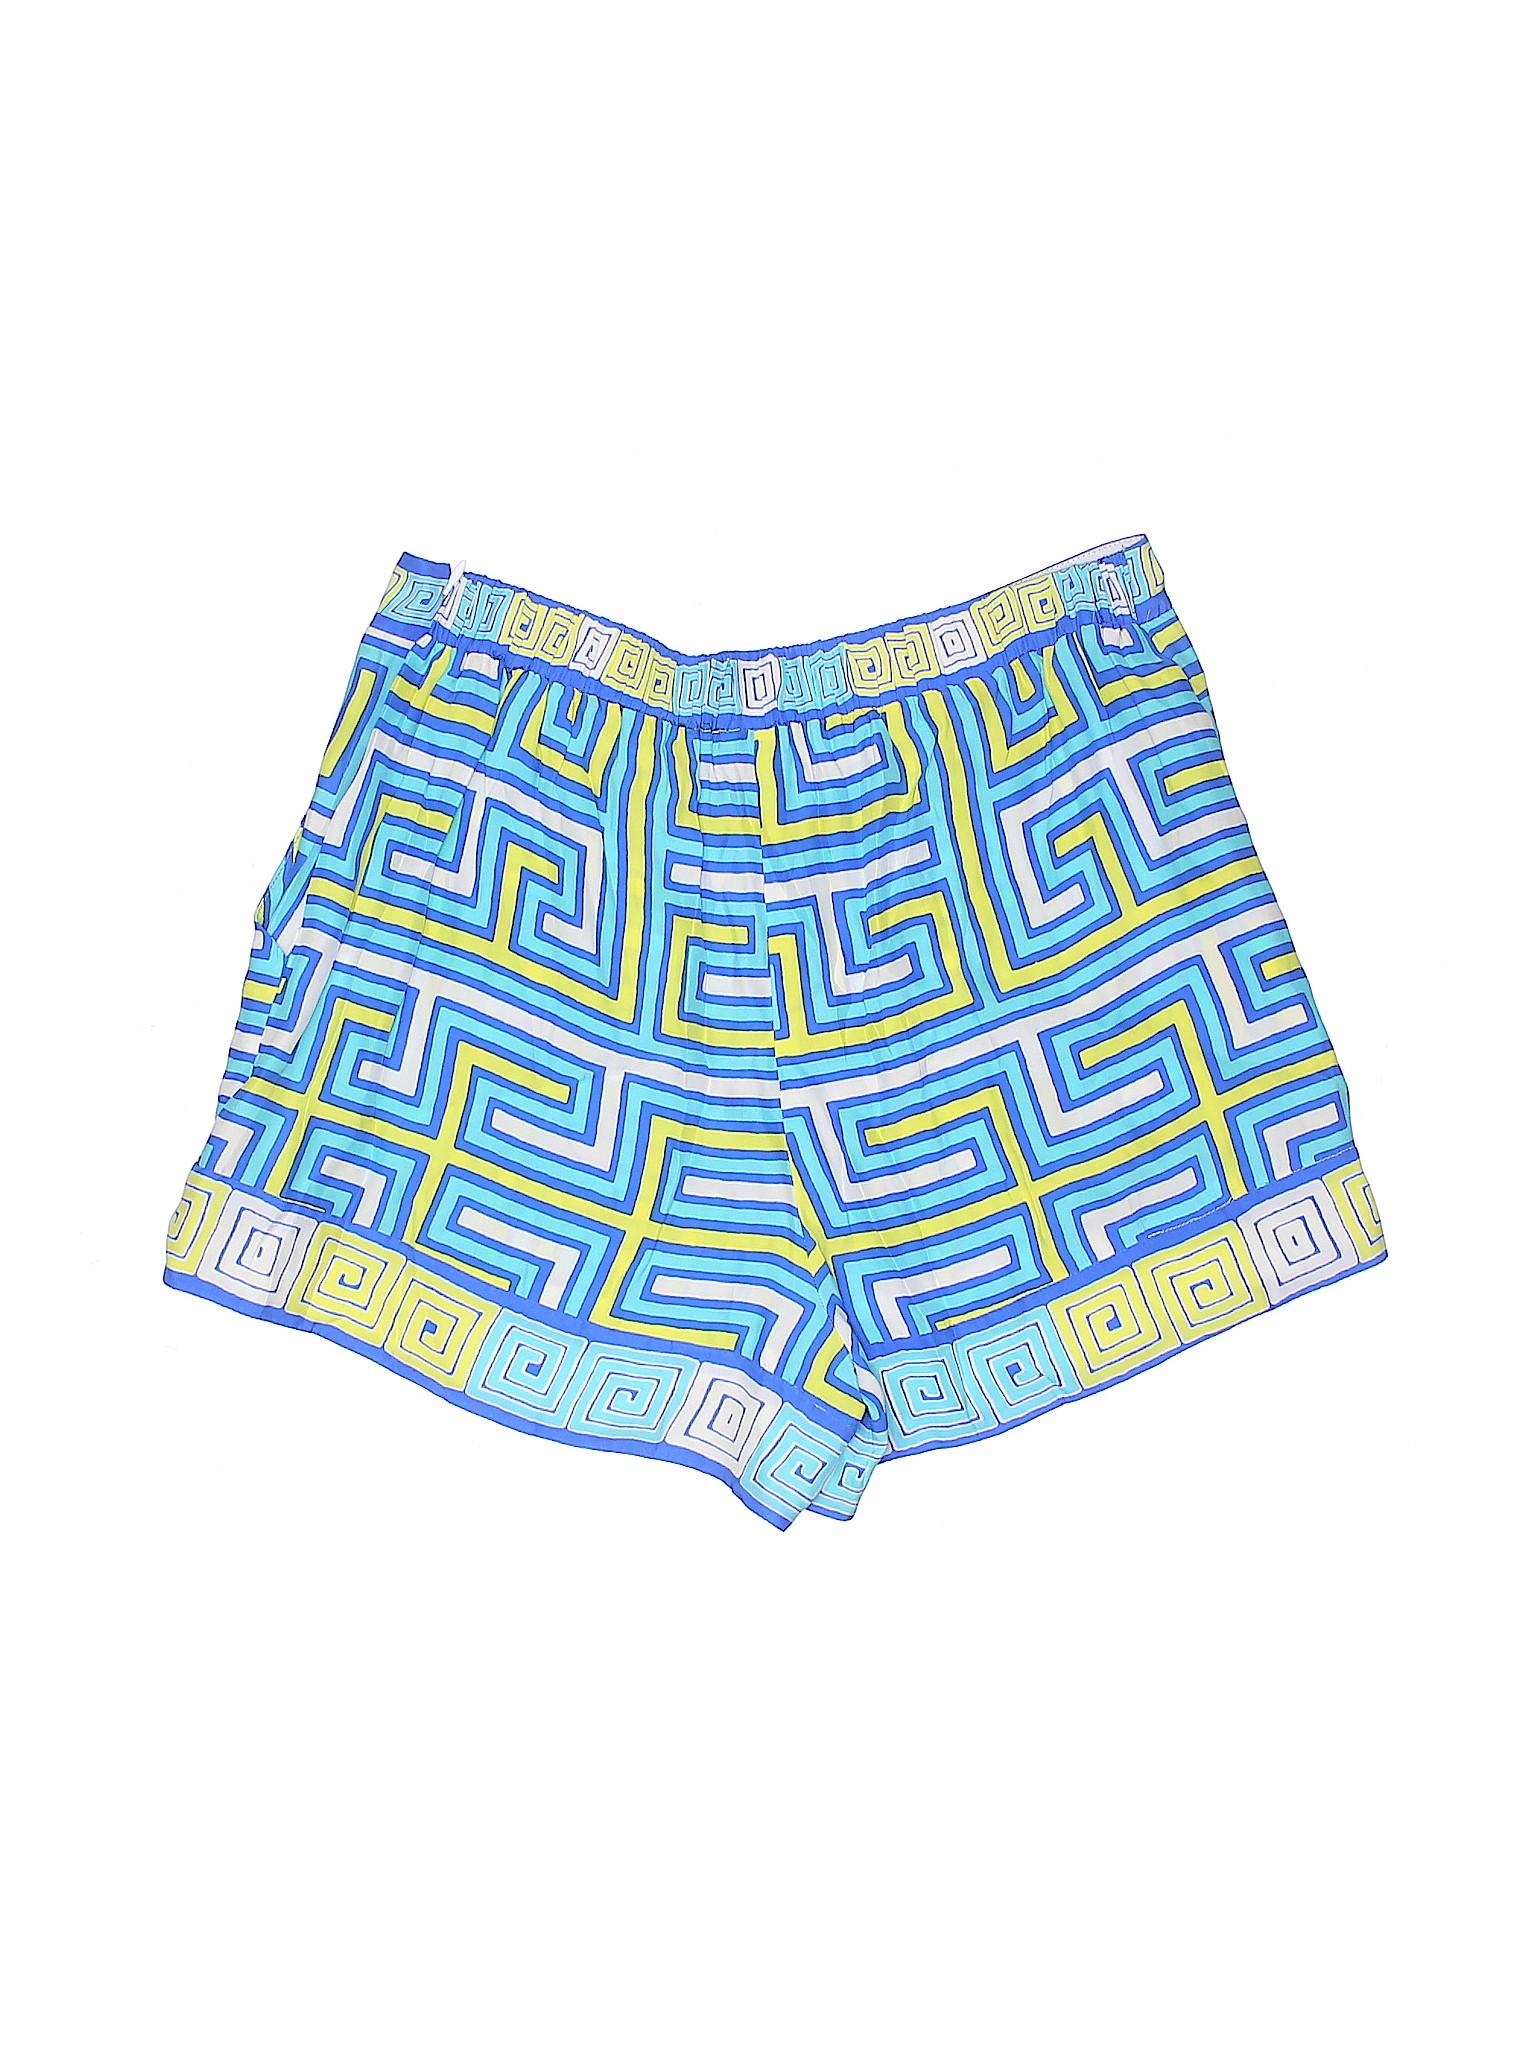 Boutique Alice Alice Trixie Trixie amp; Boutique Shorts amp; Boutique Shorts 7WpwPqY7r